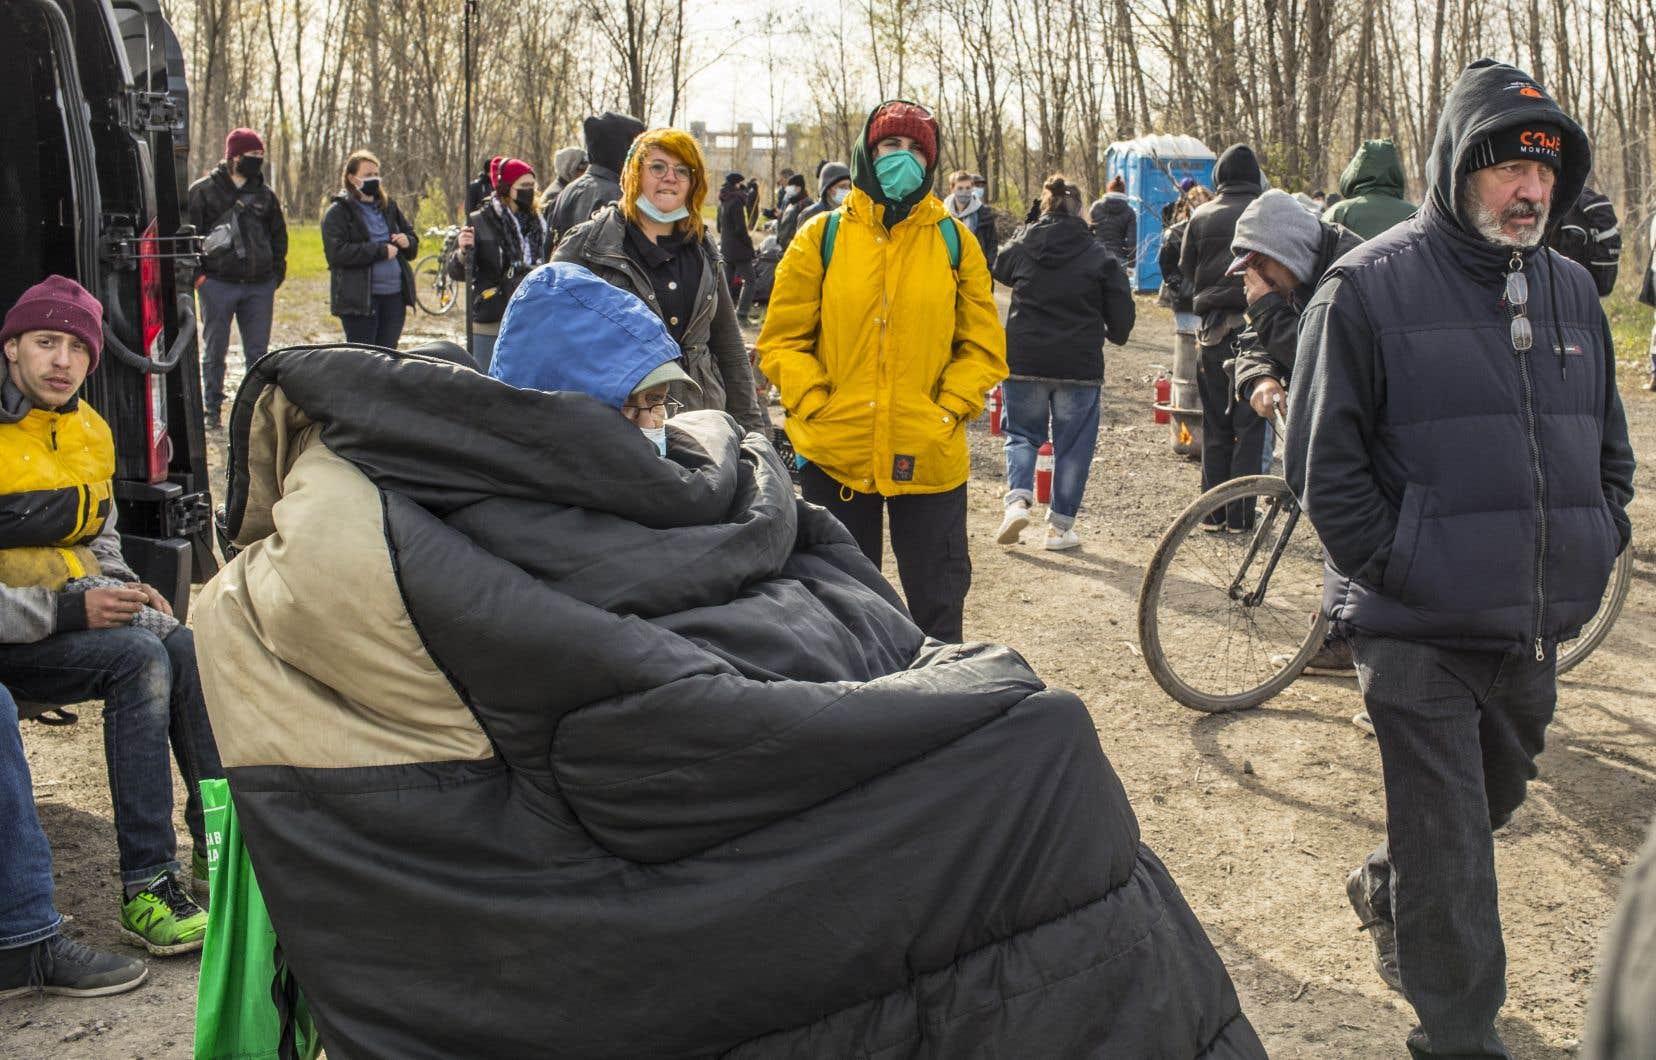 La police  procédait lundi  à l'expulsion  des campeurs au boisé  Steinberg,  dans Hochelaga-Maisonneuve,  à Montréal.